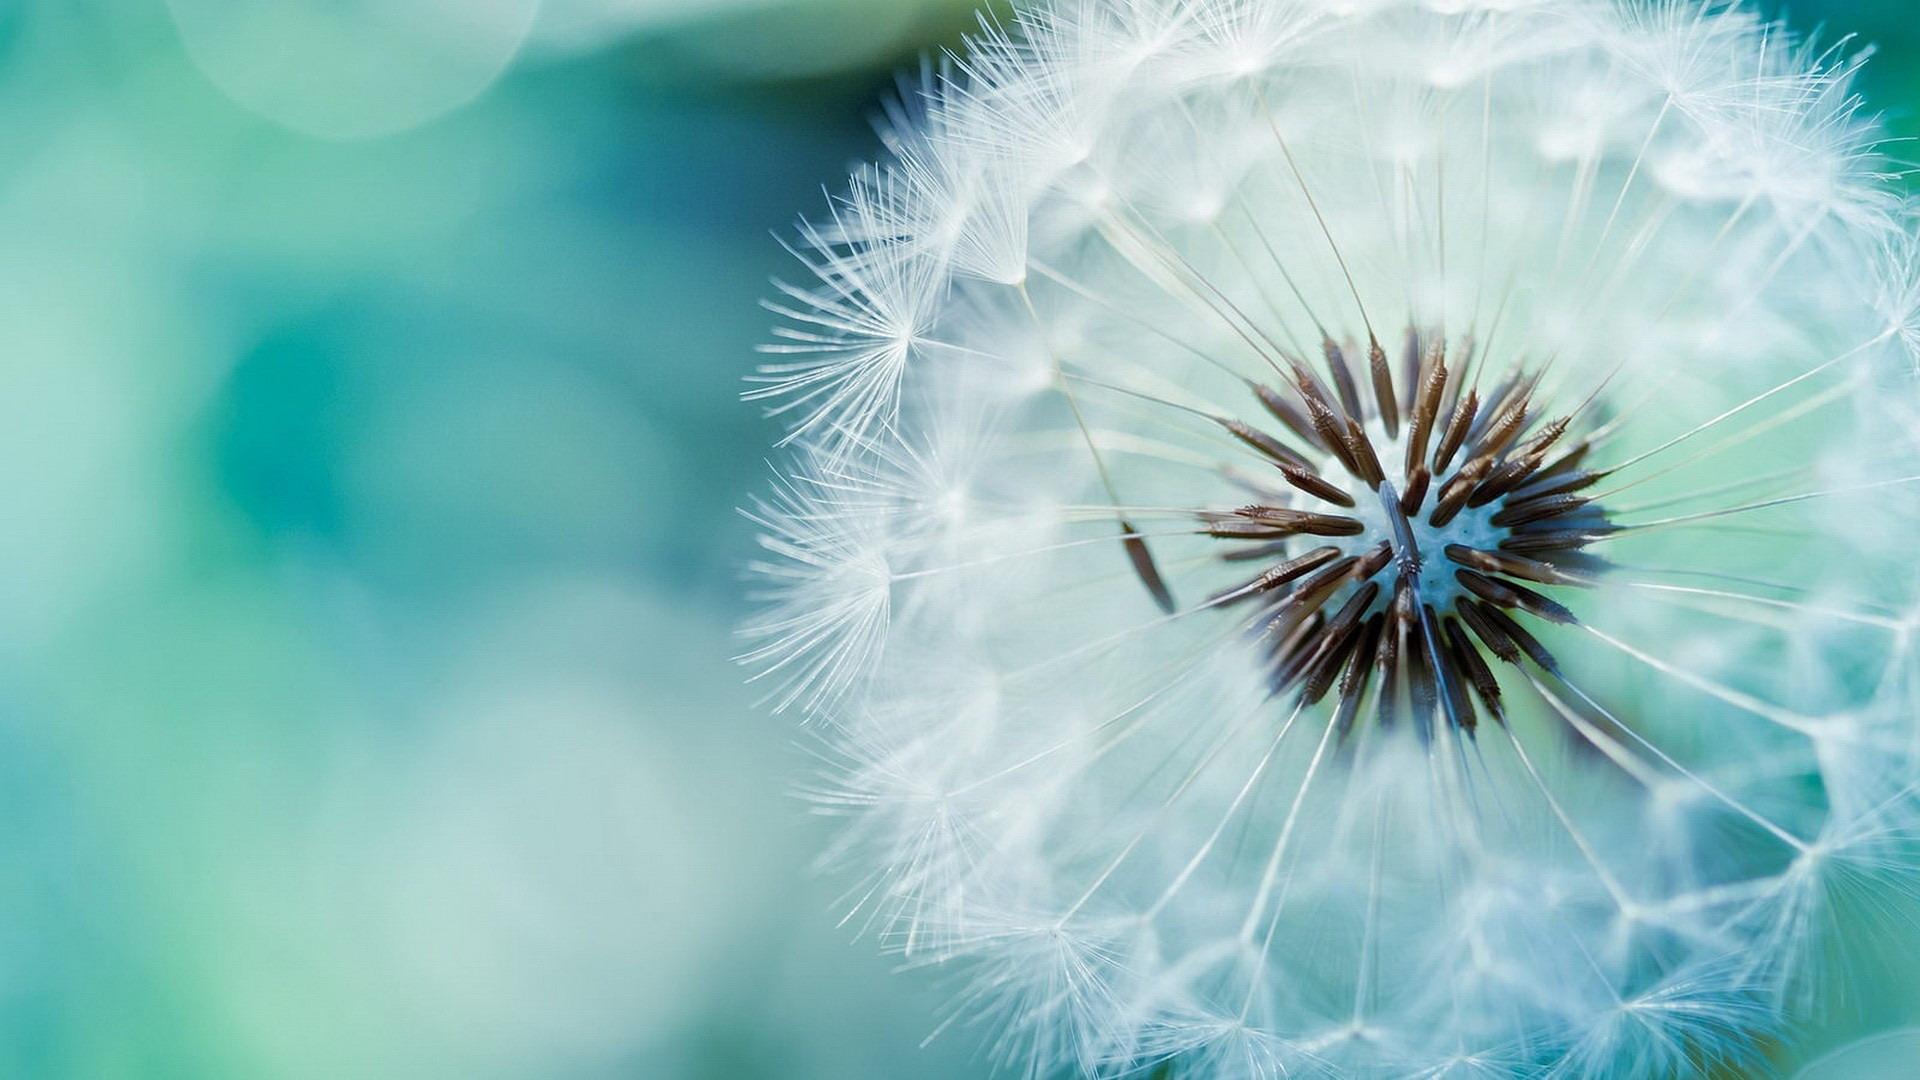 Nature-Ubuntu-Macro-Dandelions.jpg